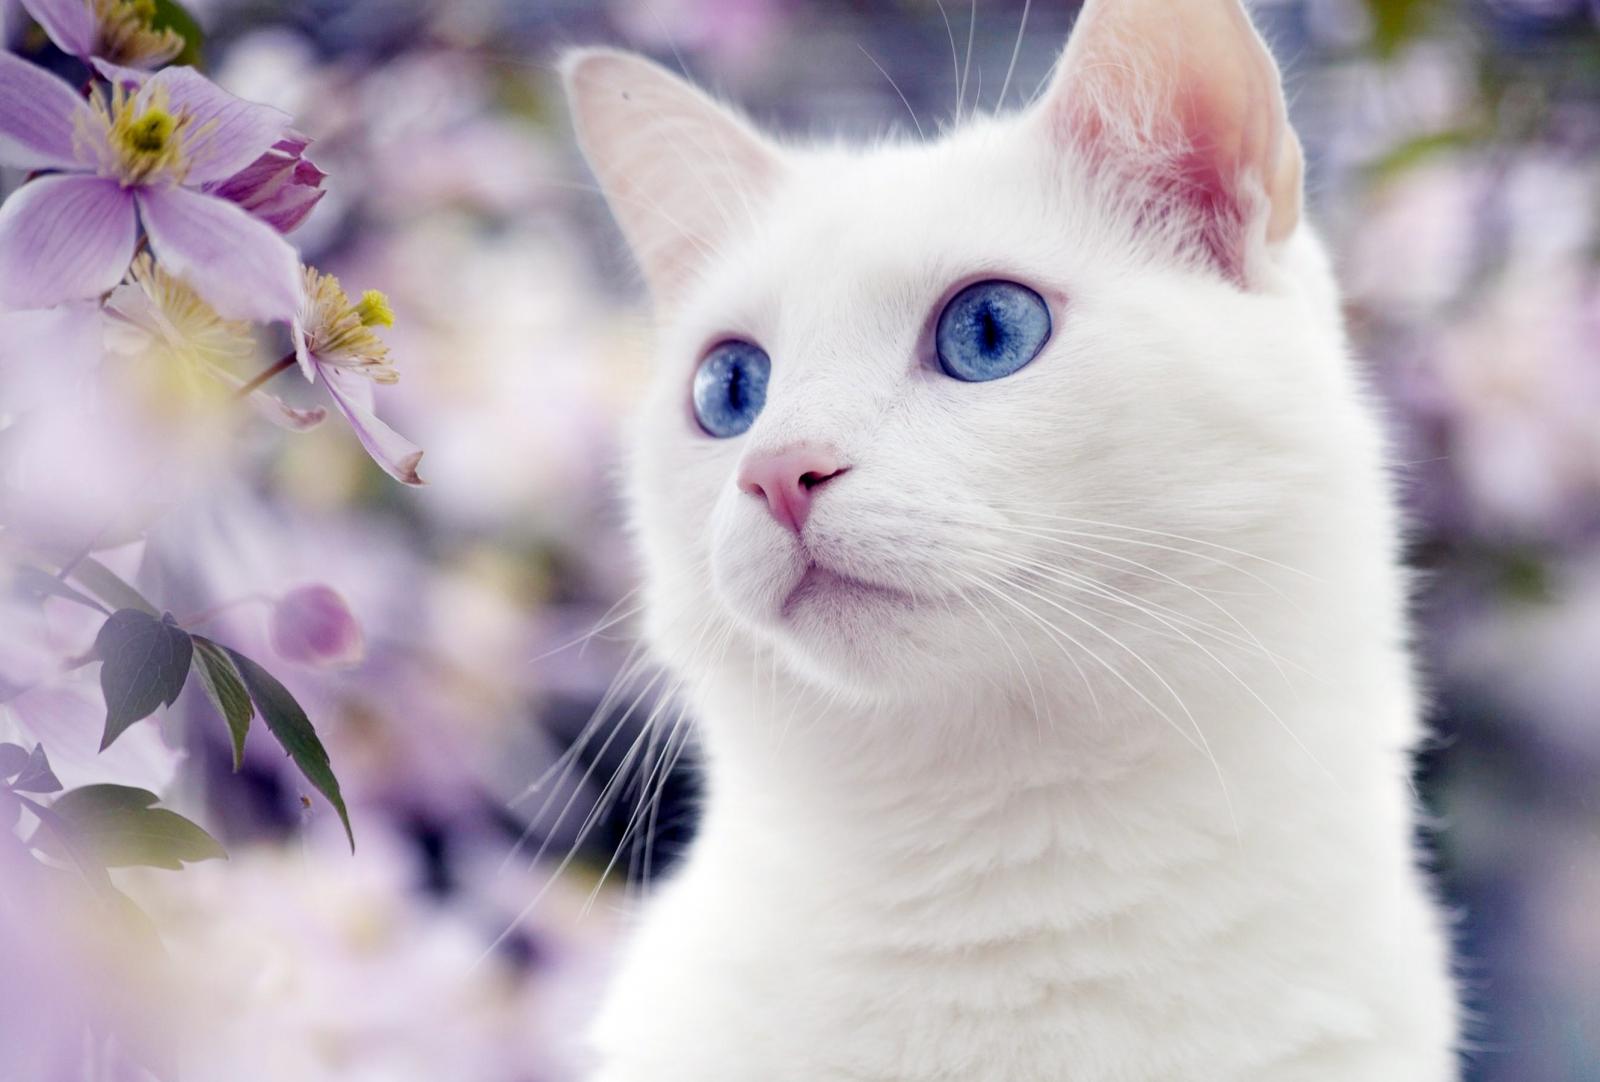 Как назвать котенка мальчика белого цвета с голубыми глазами